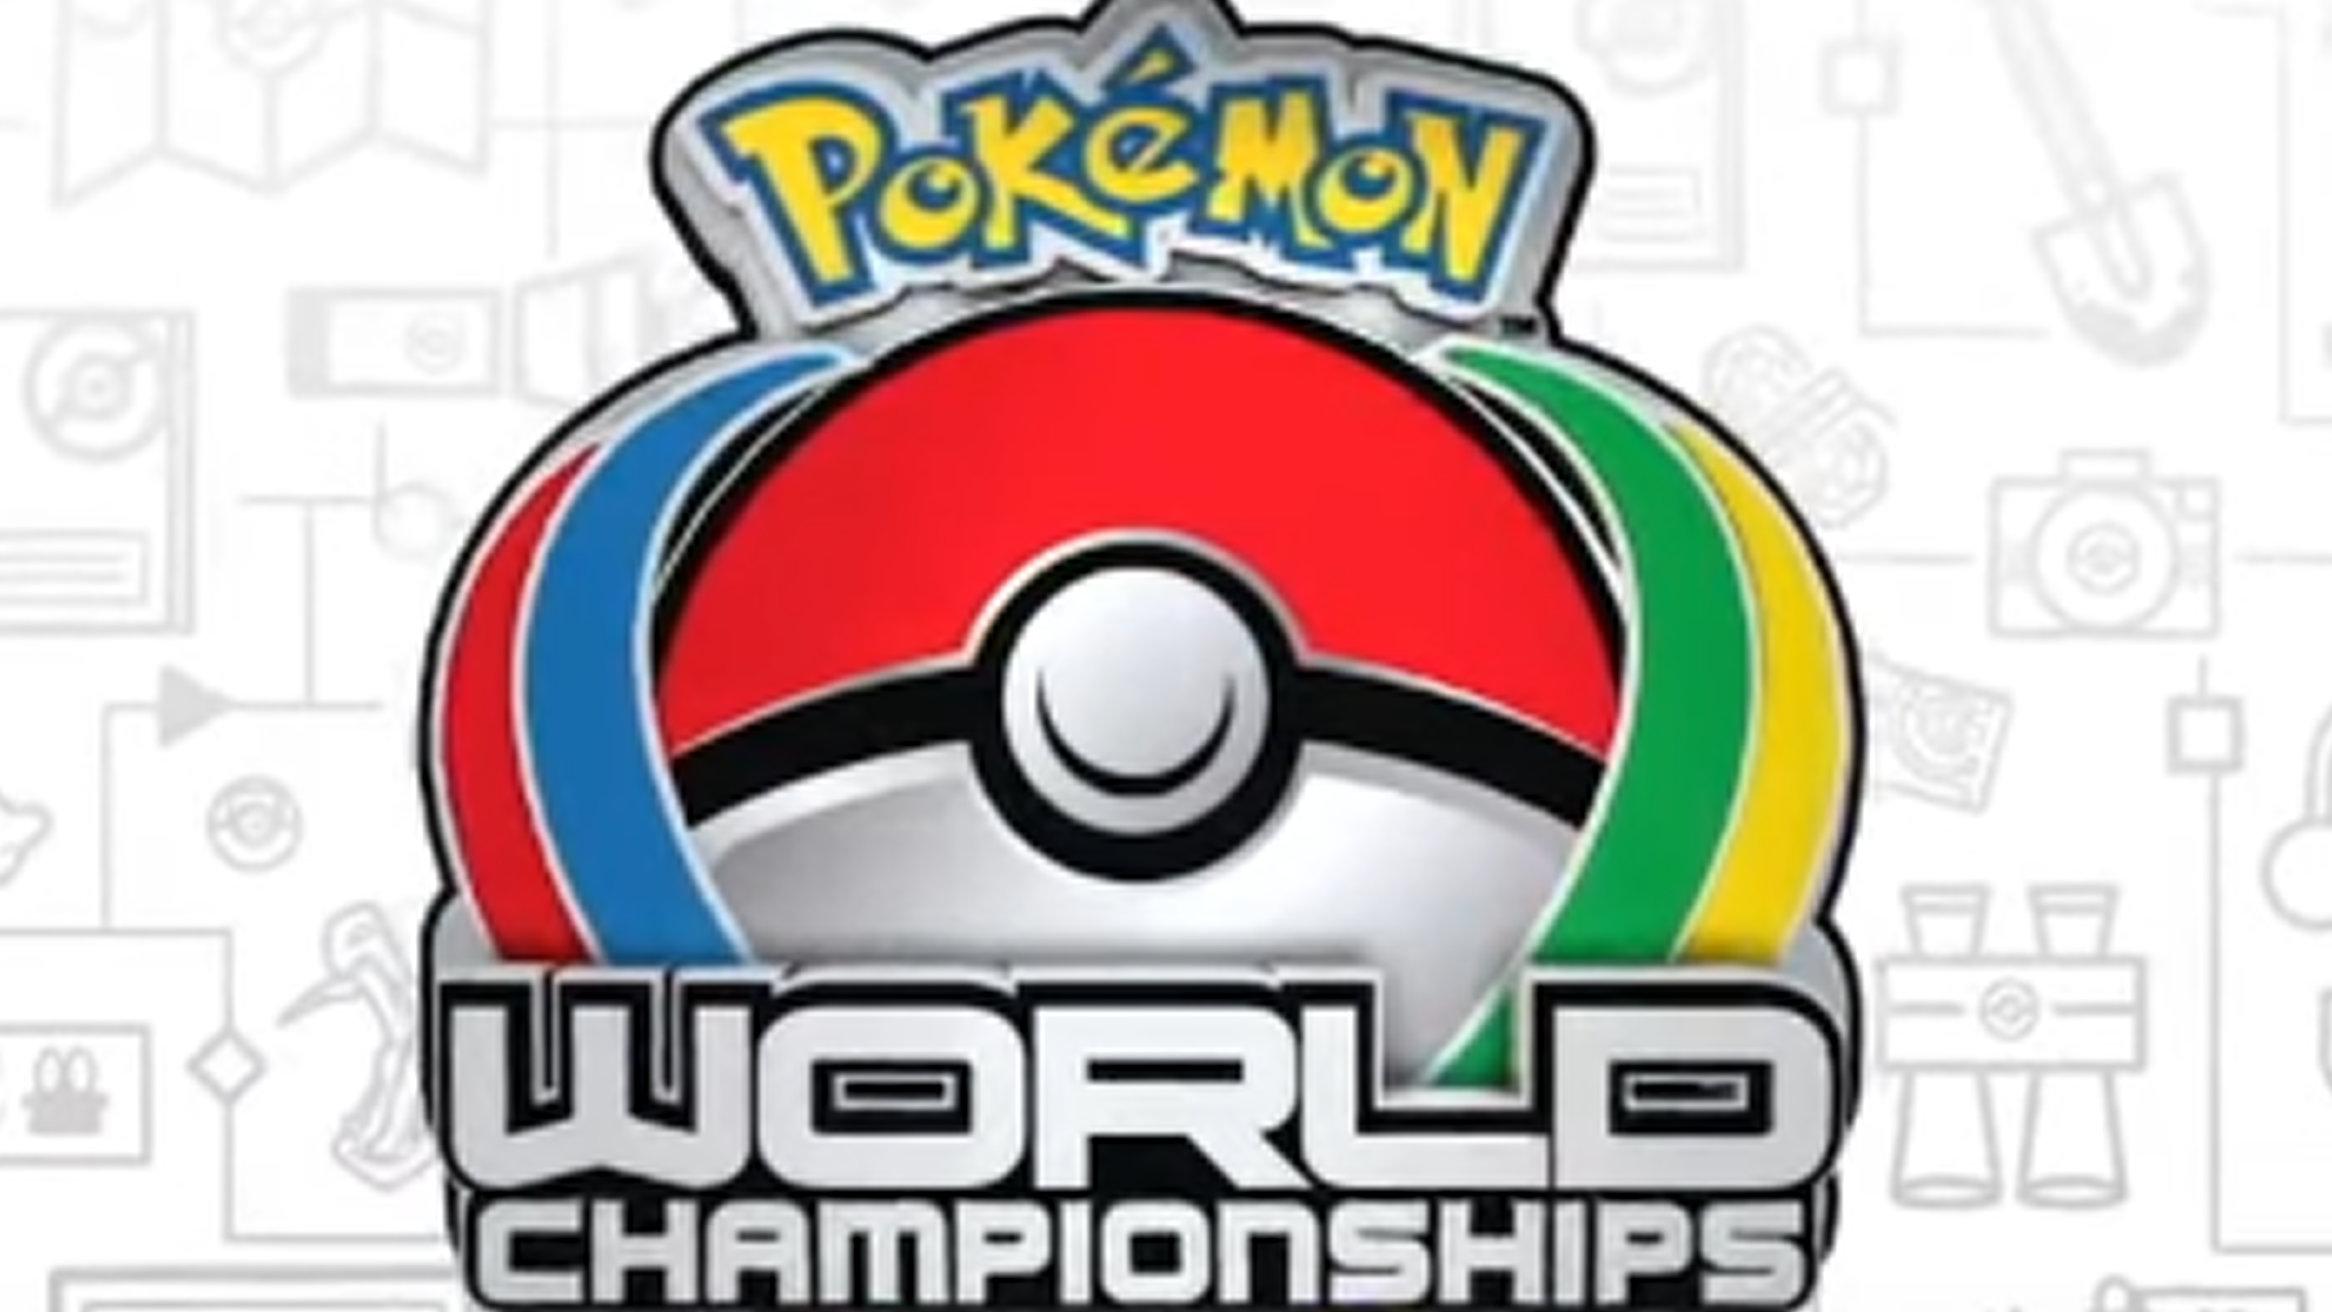 ポケモンワールドチャンピオンシップス、2021年も中止